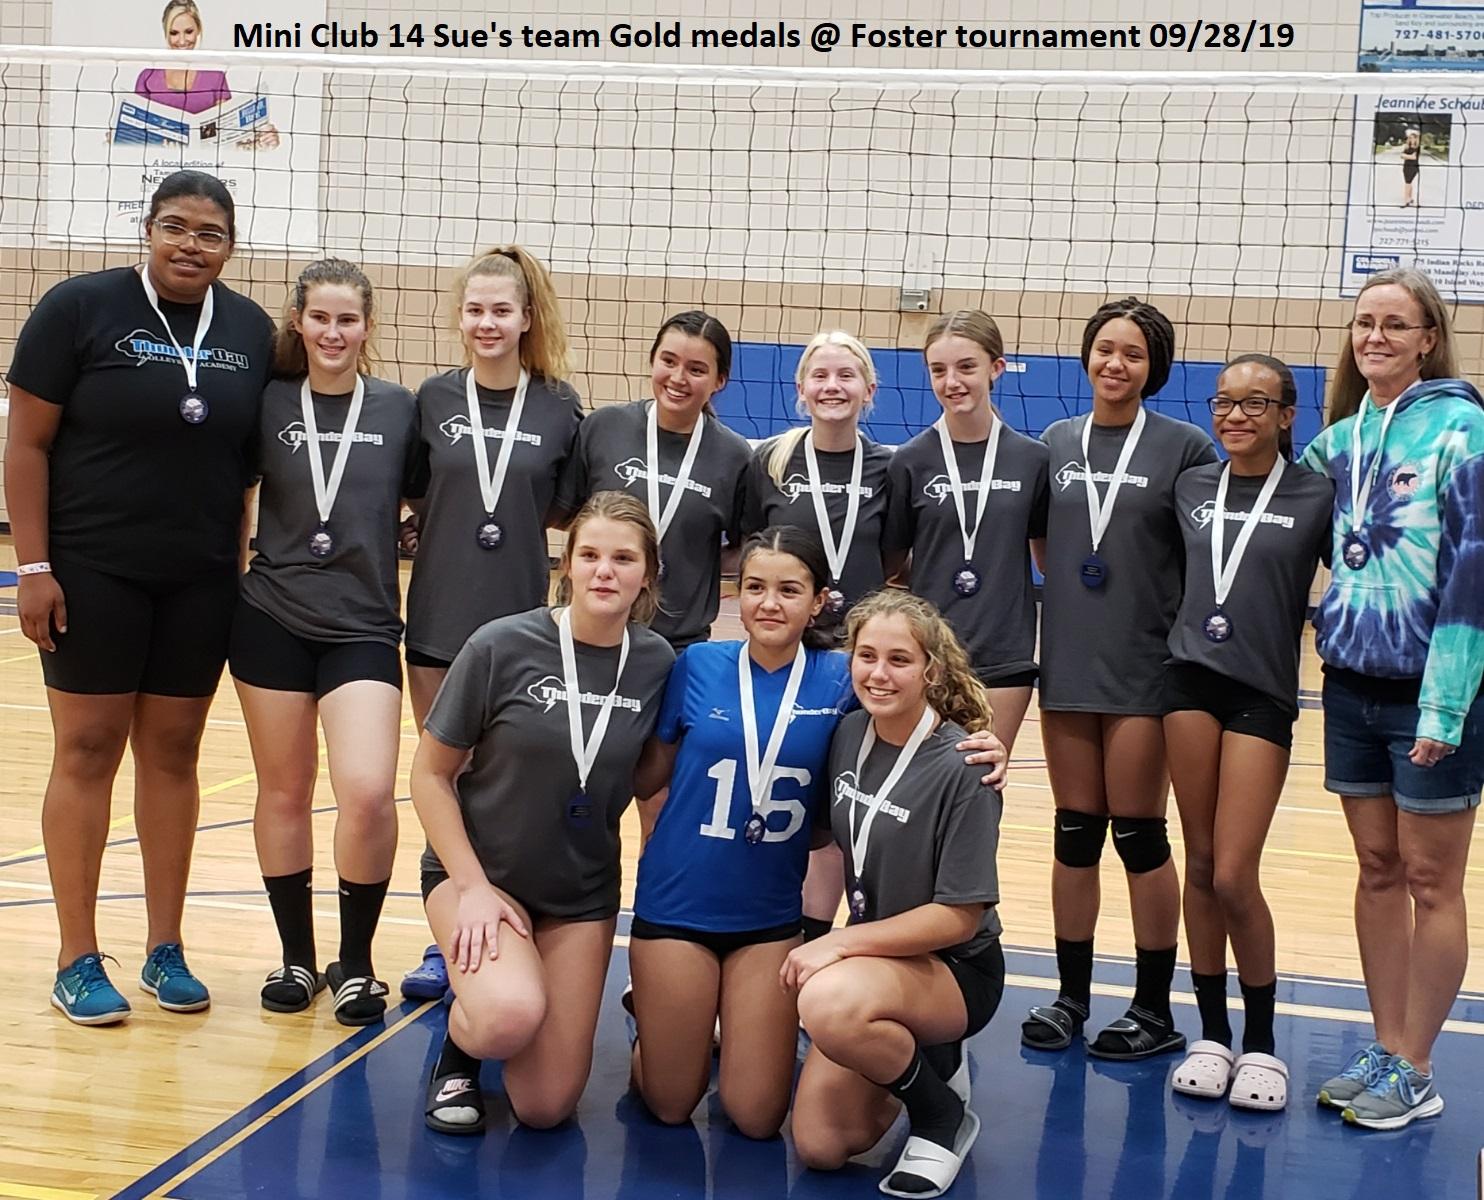 MC 14 Sue _ Foster Tournament 9-28-19